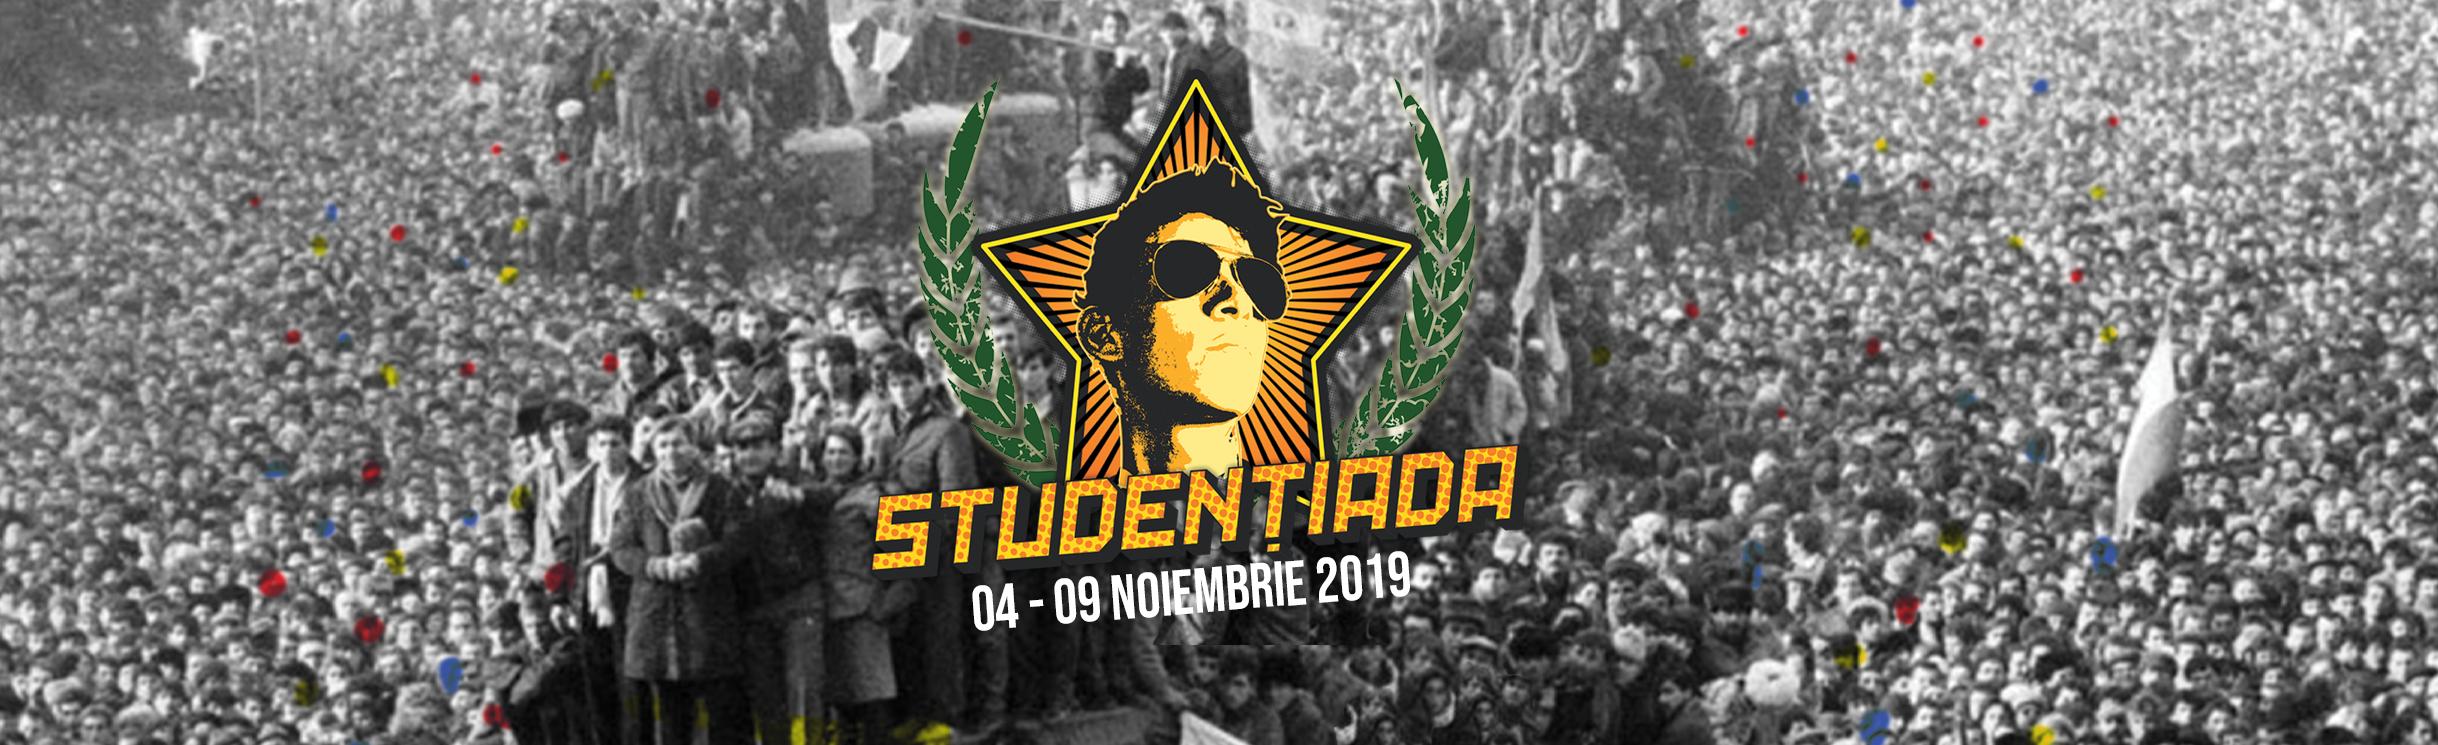 Studențiada 2019 București